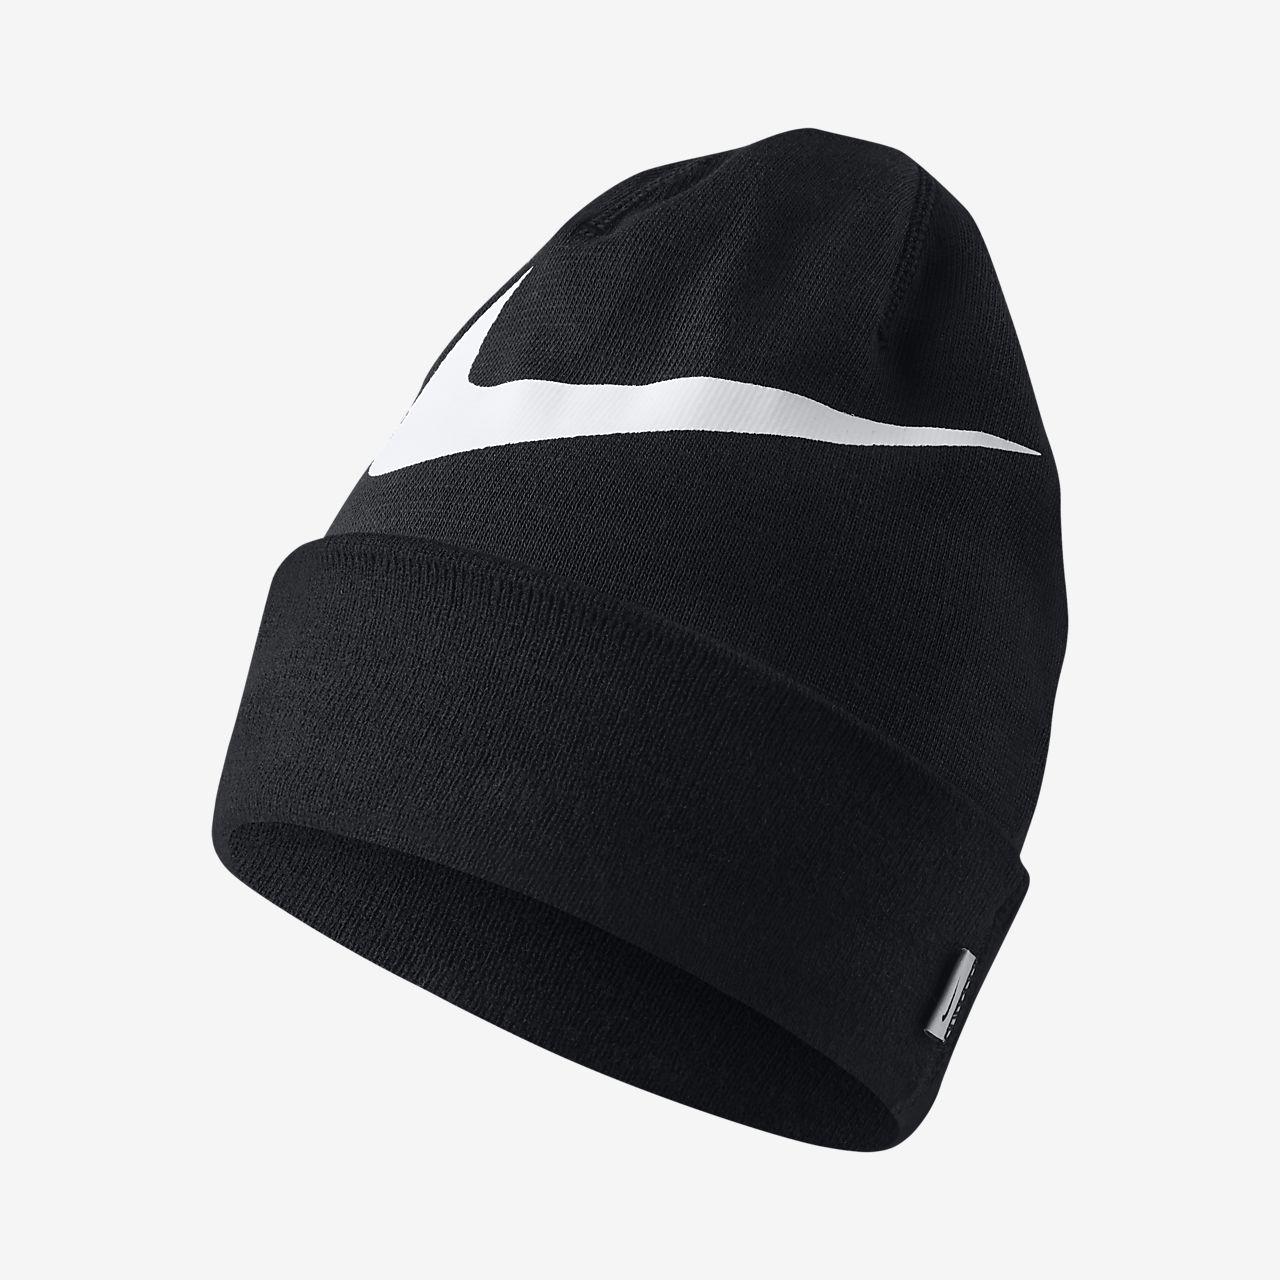 12d98a78f47 Nike Swoosh Cuffed Training Knit Hat. Nike.com DK